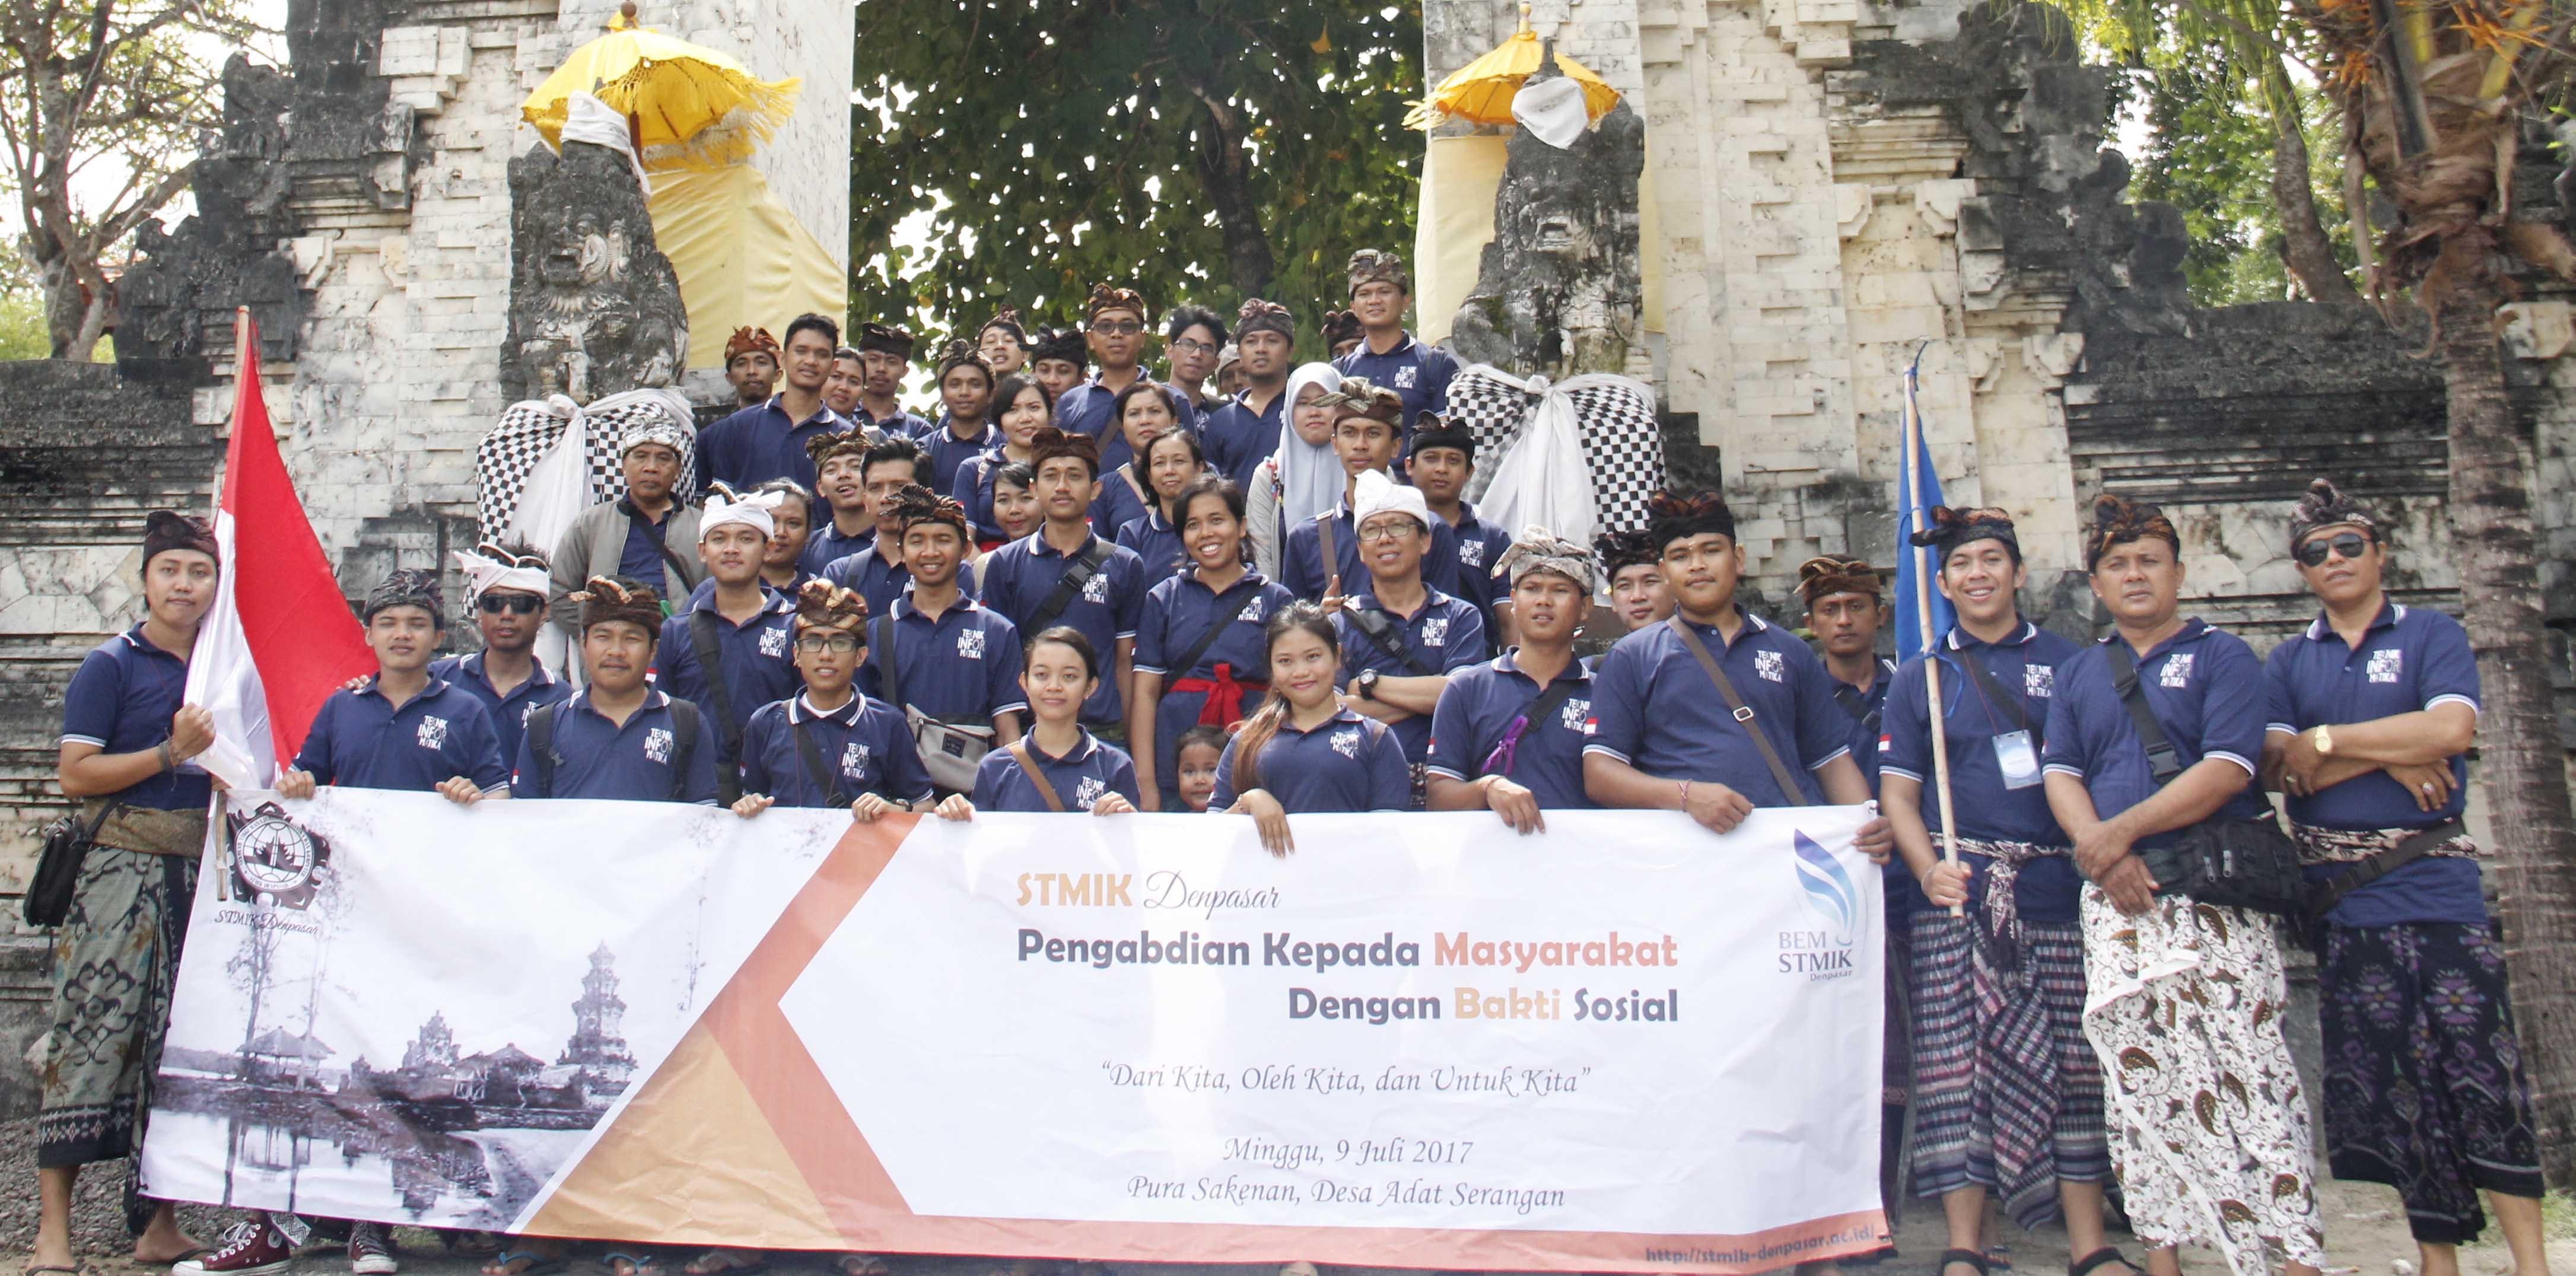 Stmik Denpasar Kampus Bali Gelar Bakti Sosial Sakenan Pura Kota